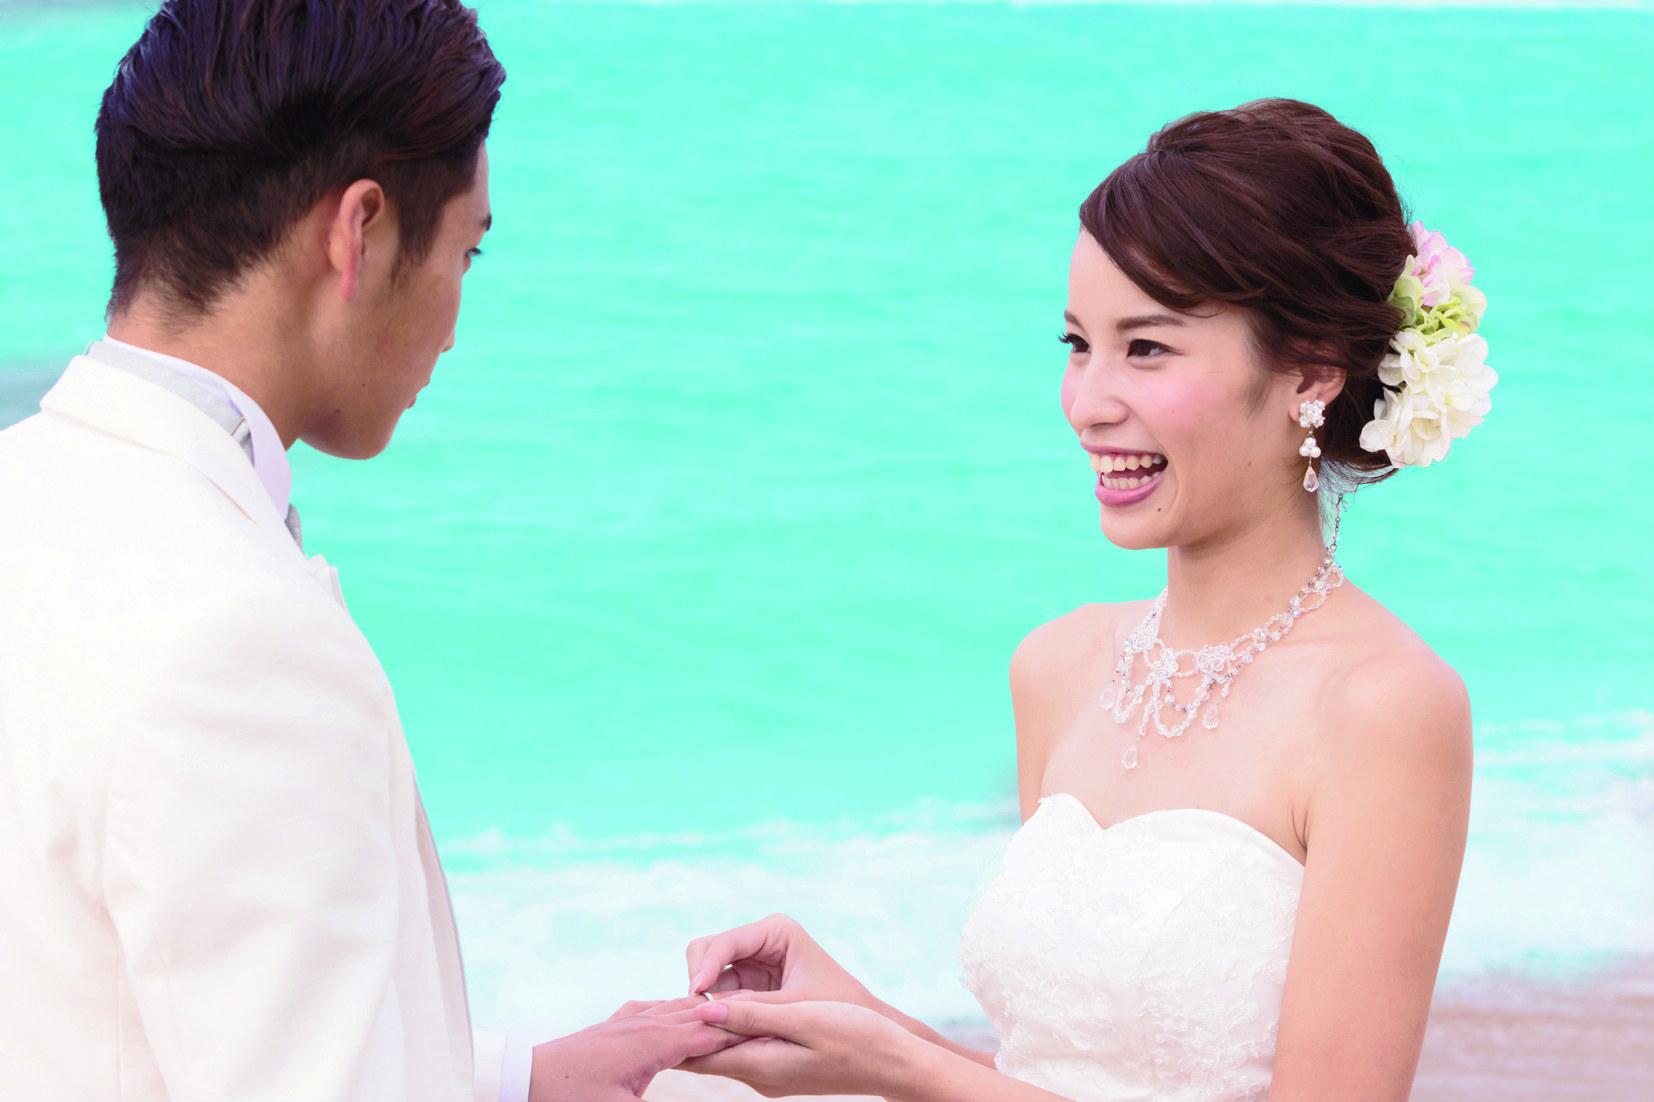 ビーチ挙式で指輪に永遠の愛を込めて…